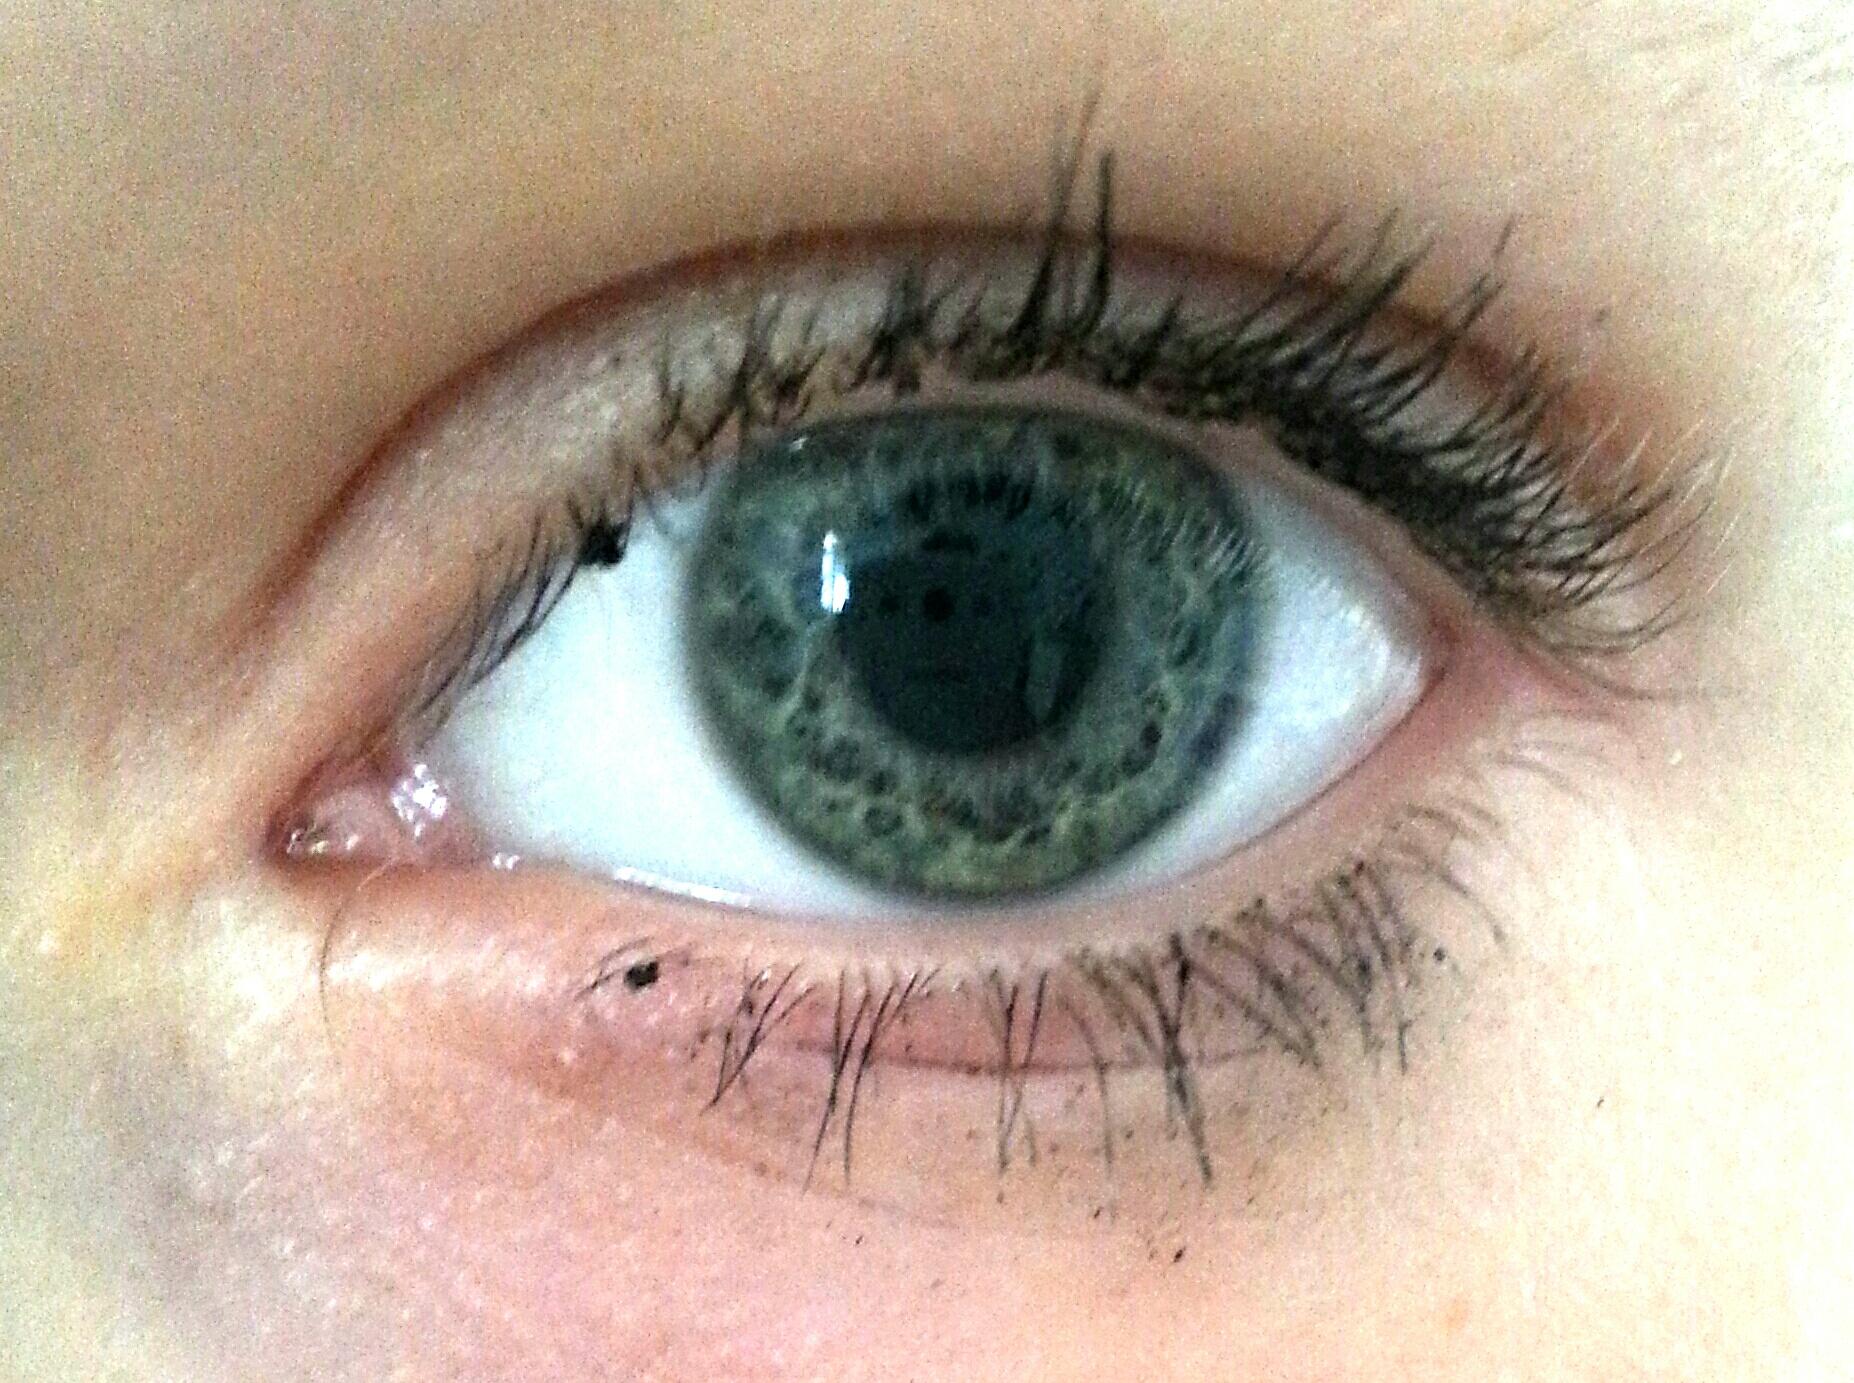 welche augenfarbe habe ich? grün oder blau? (Beauty, Augen)